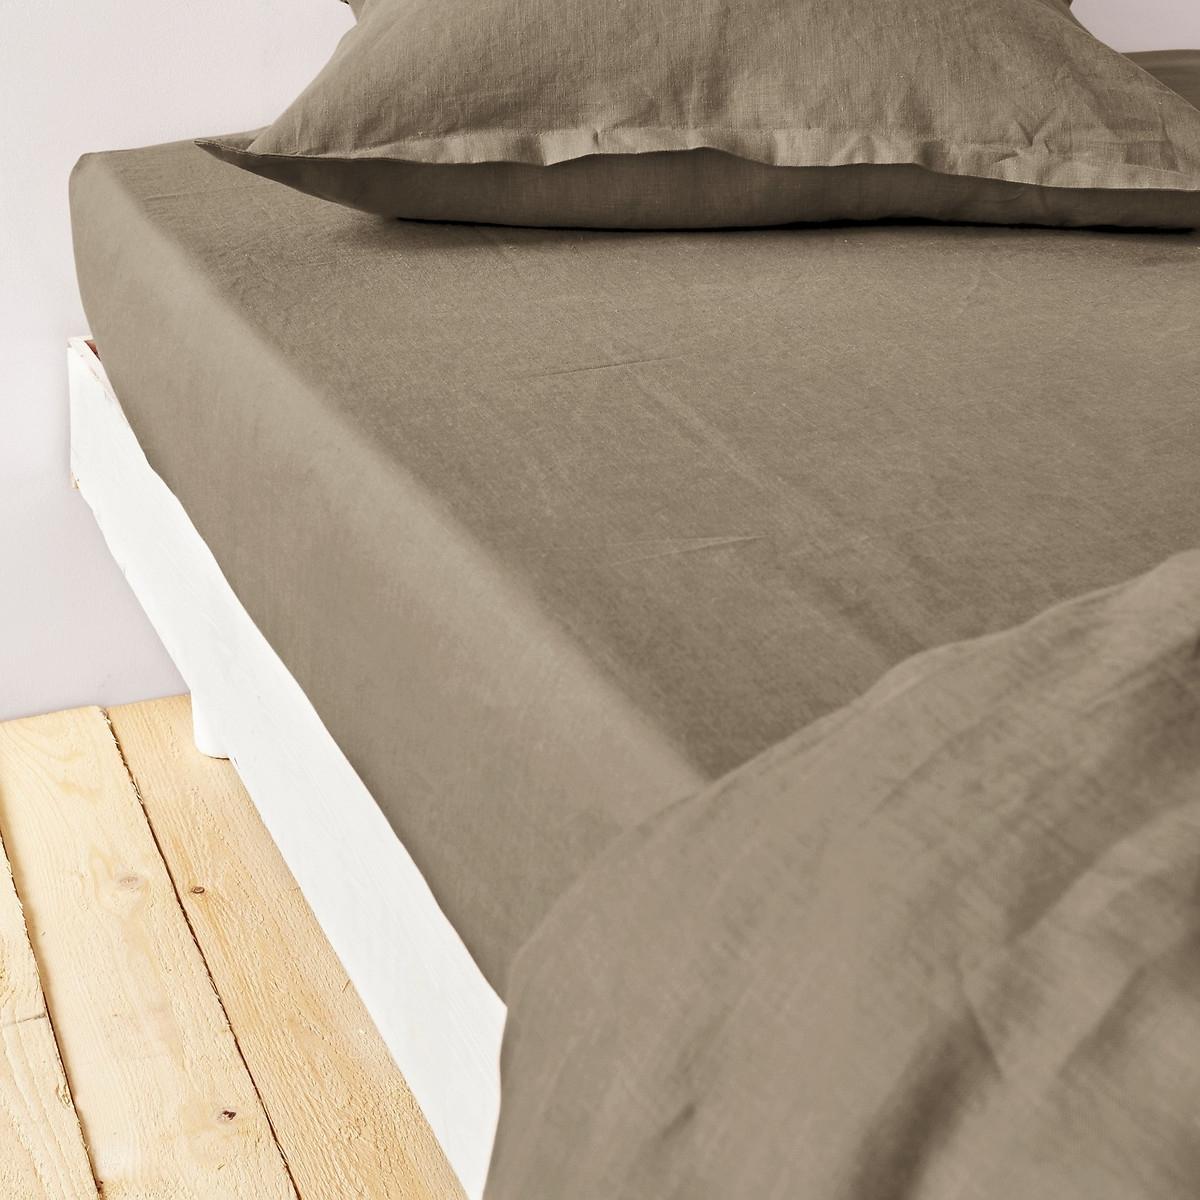 Простыня LaRedoute Натяжная из осветленного льна 140 x 190 см каштановый чехол laredoute для кровати из льна touril 140 x 190 см серый